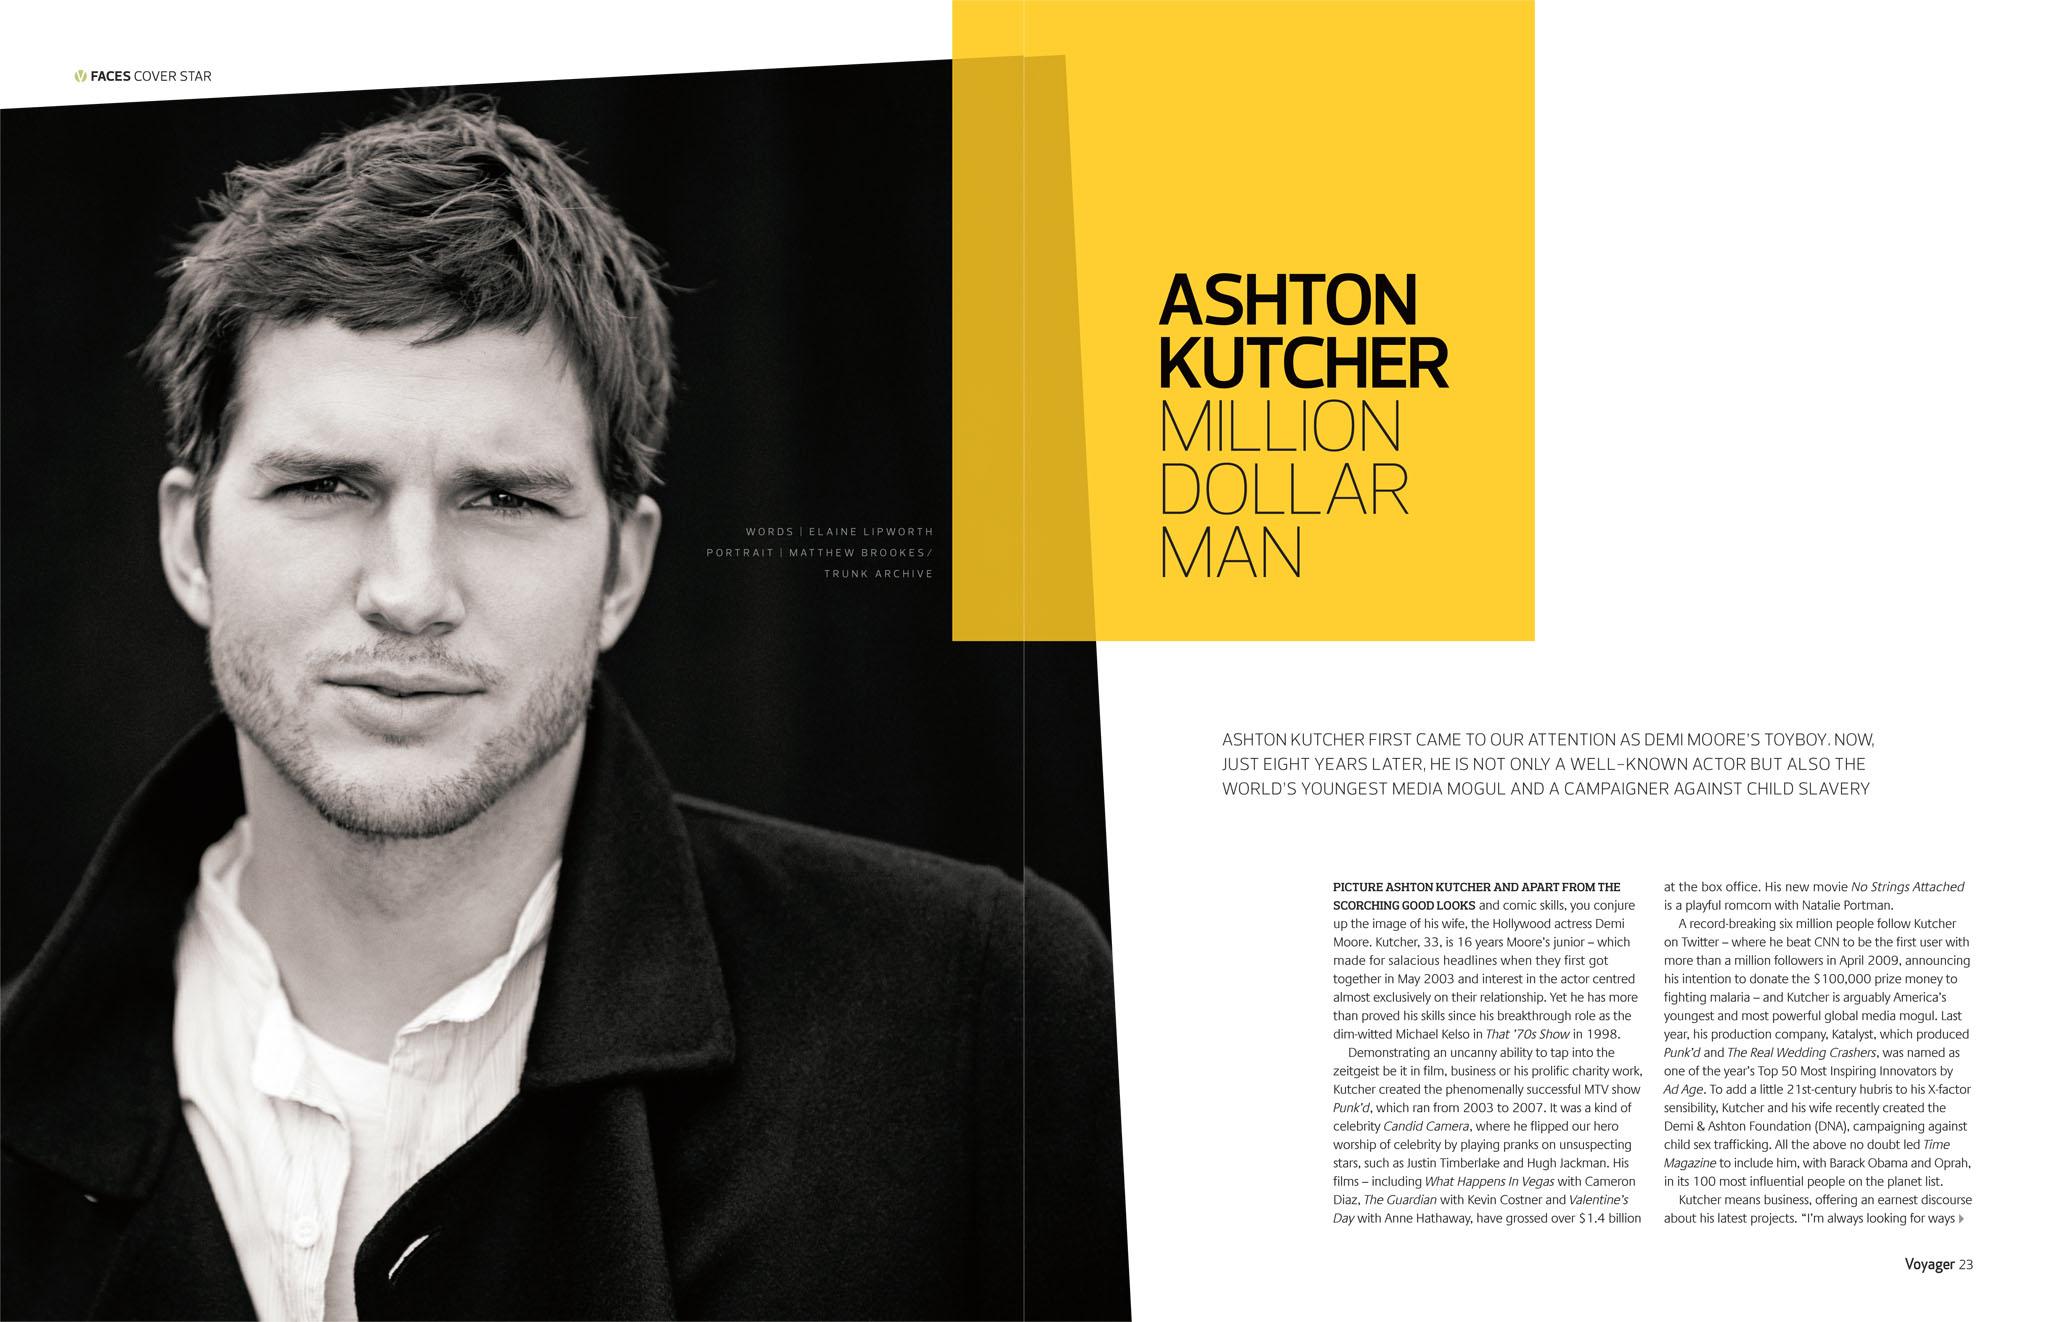 Ashton Kutcher, Million Dollar Man